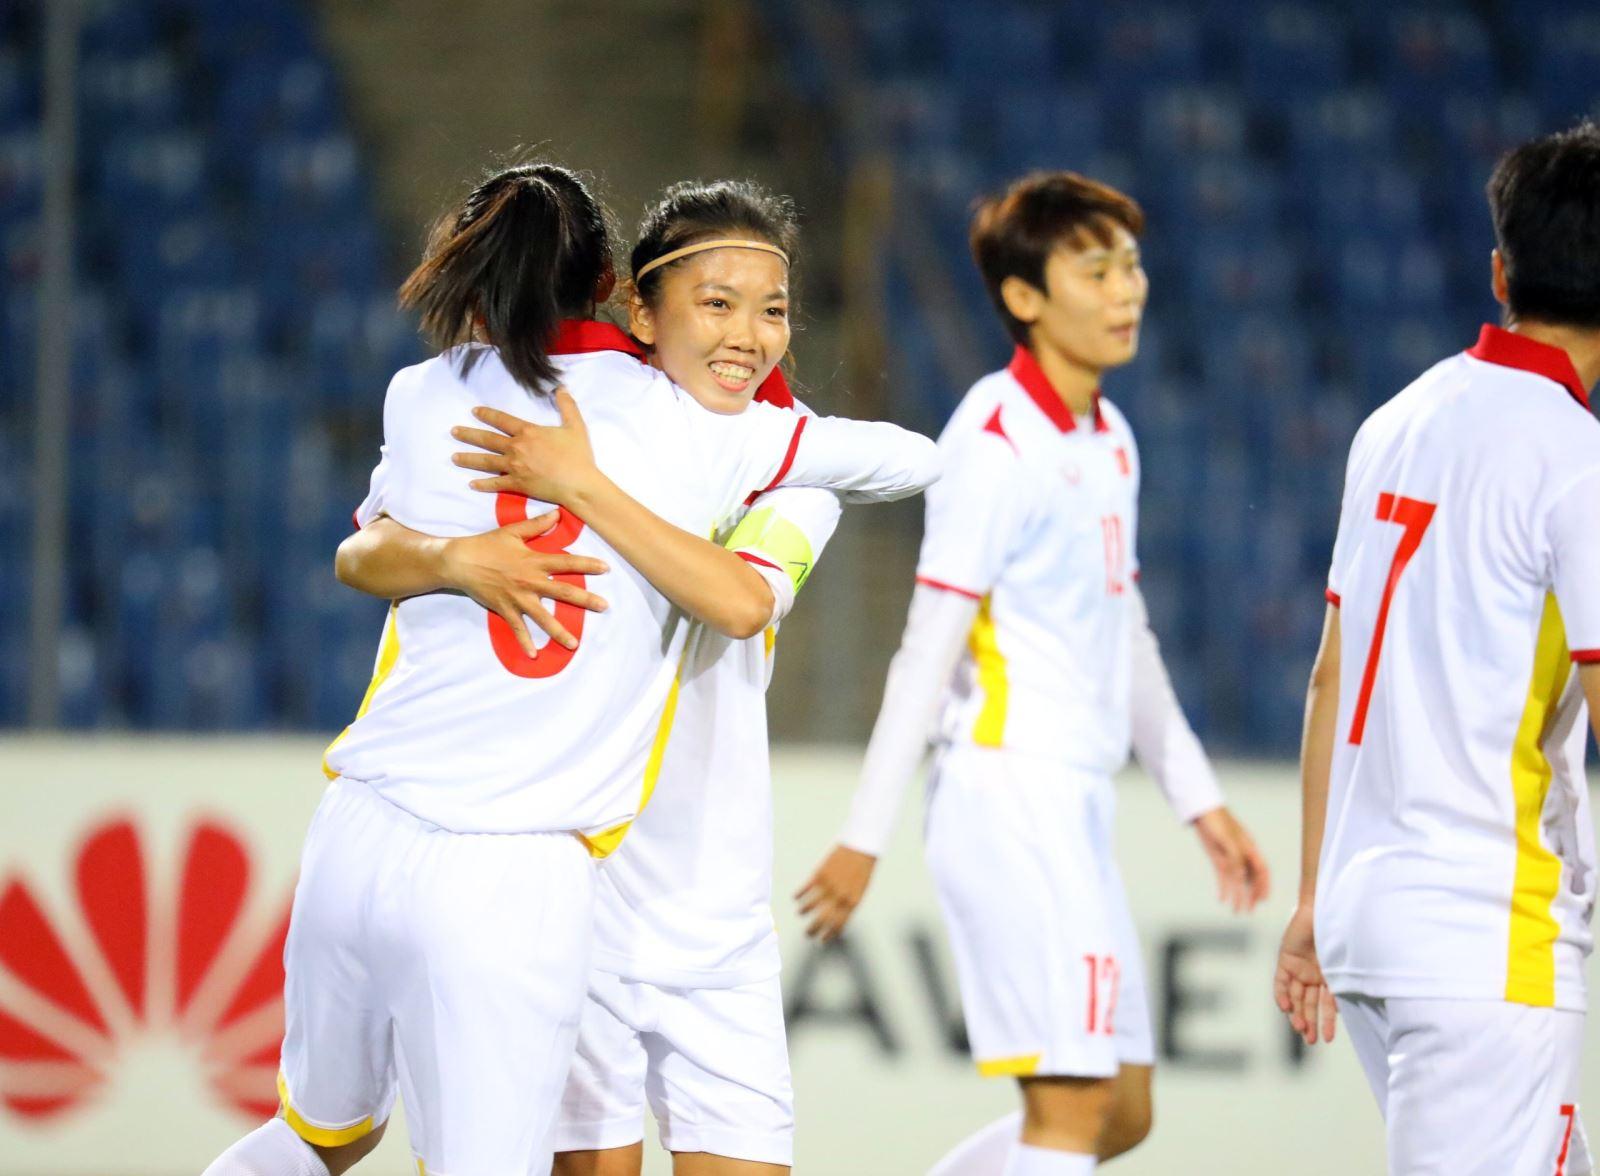 VTV6, VTV5, trực tiếp bóng đá, nữ Việt Nam vs nữ Tajikistan, trực tiếp bóng đá nữ, Việt Nam vs Tajikistan, truc tiep bong da, nữ Việt Nam, xem trực tiếp bóng đá hôm nay